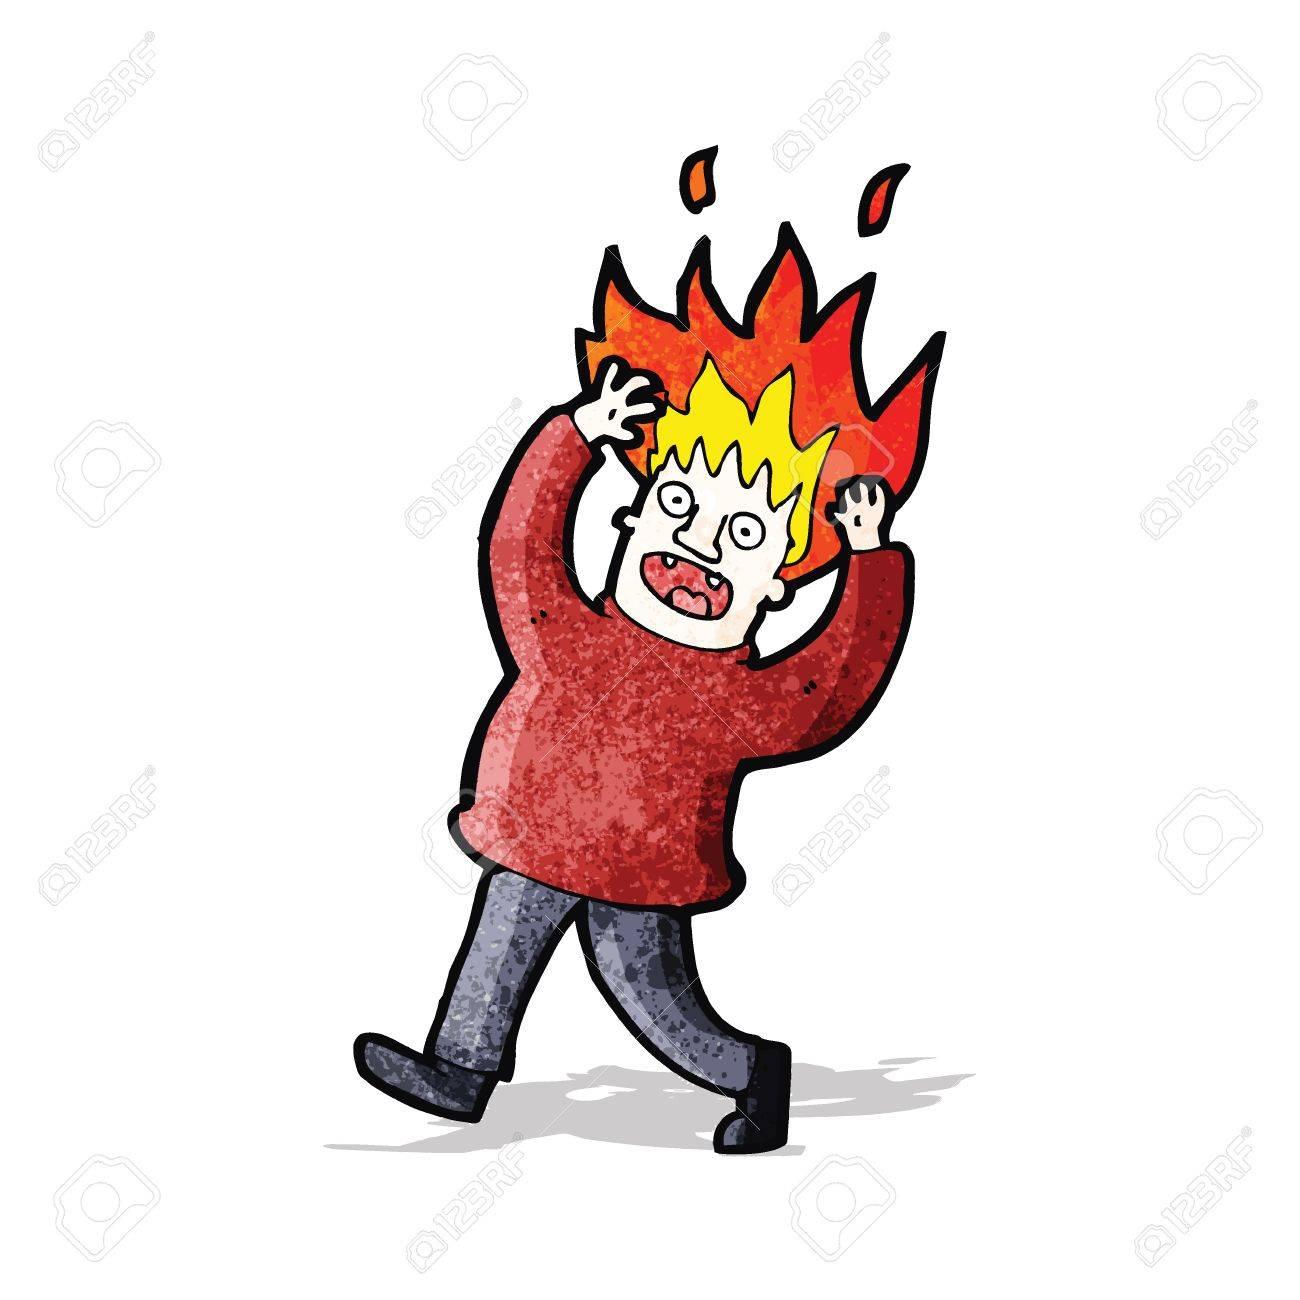 cartoon man with hair on fire - 32823574